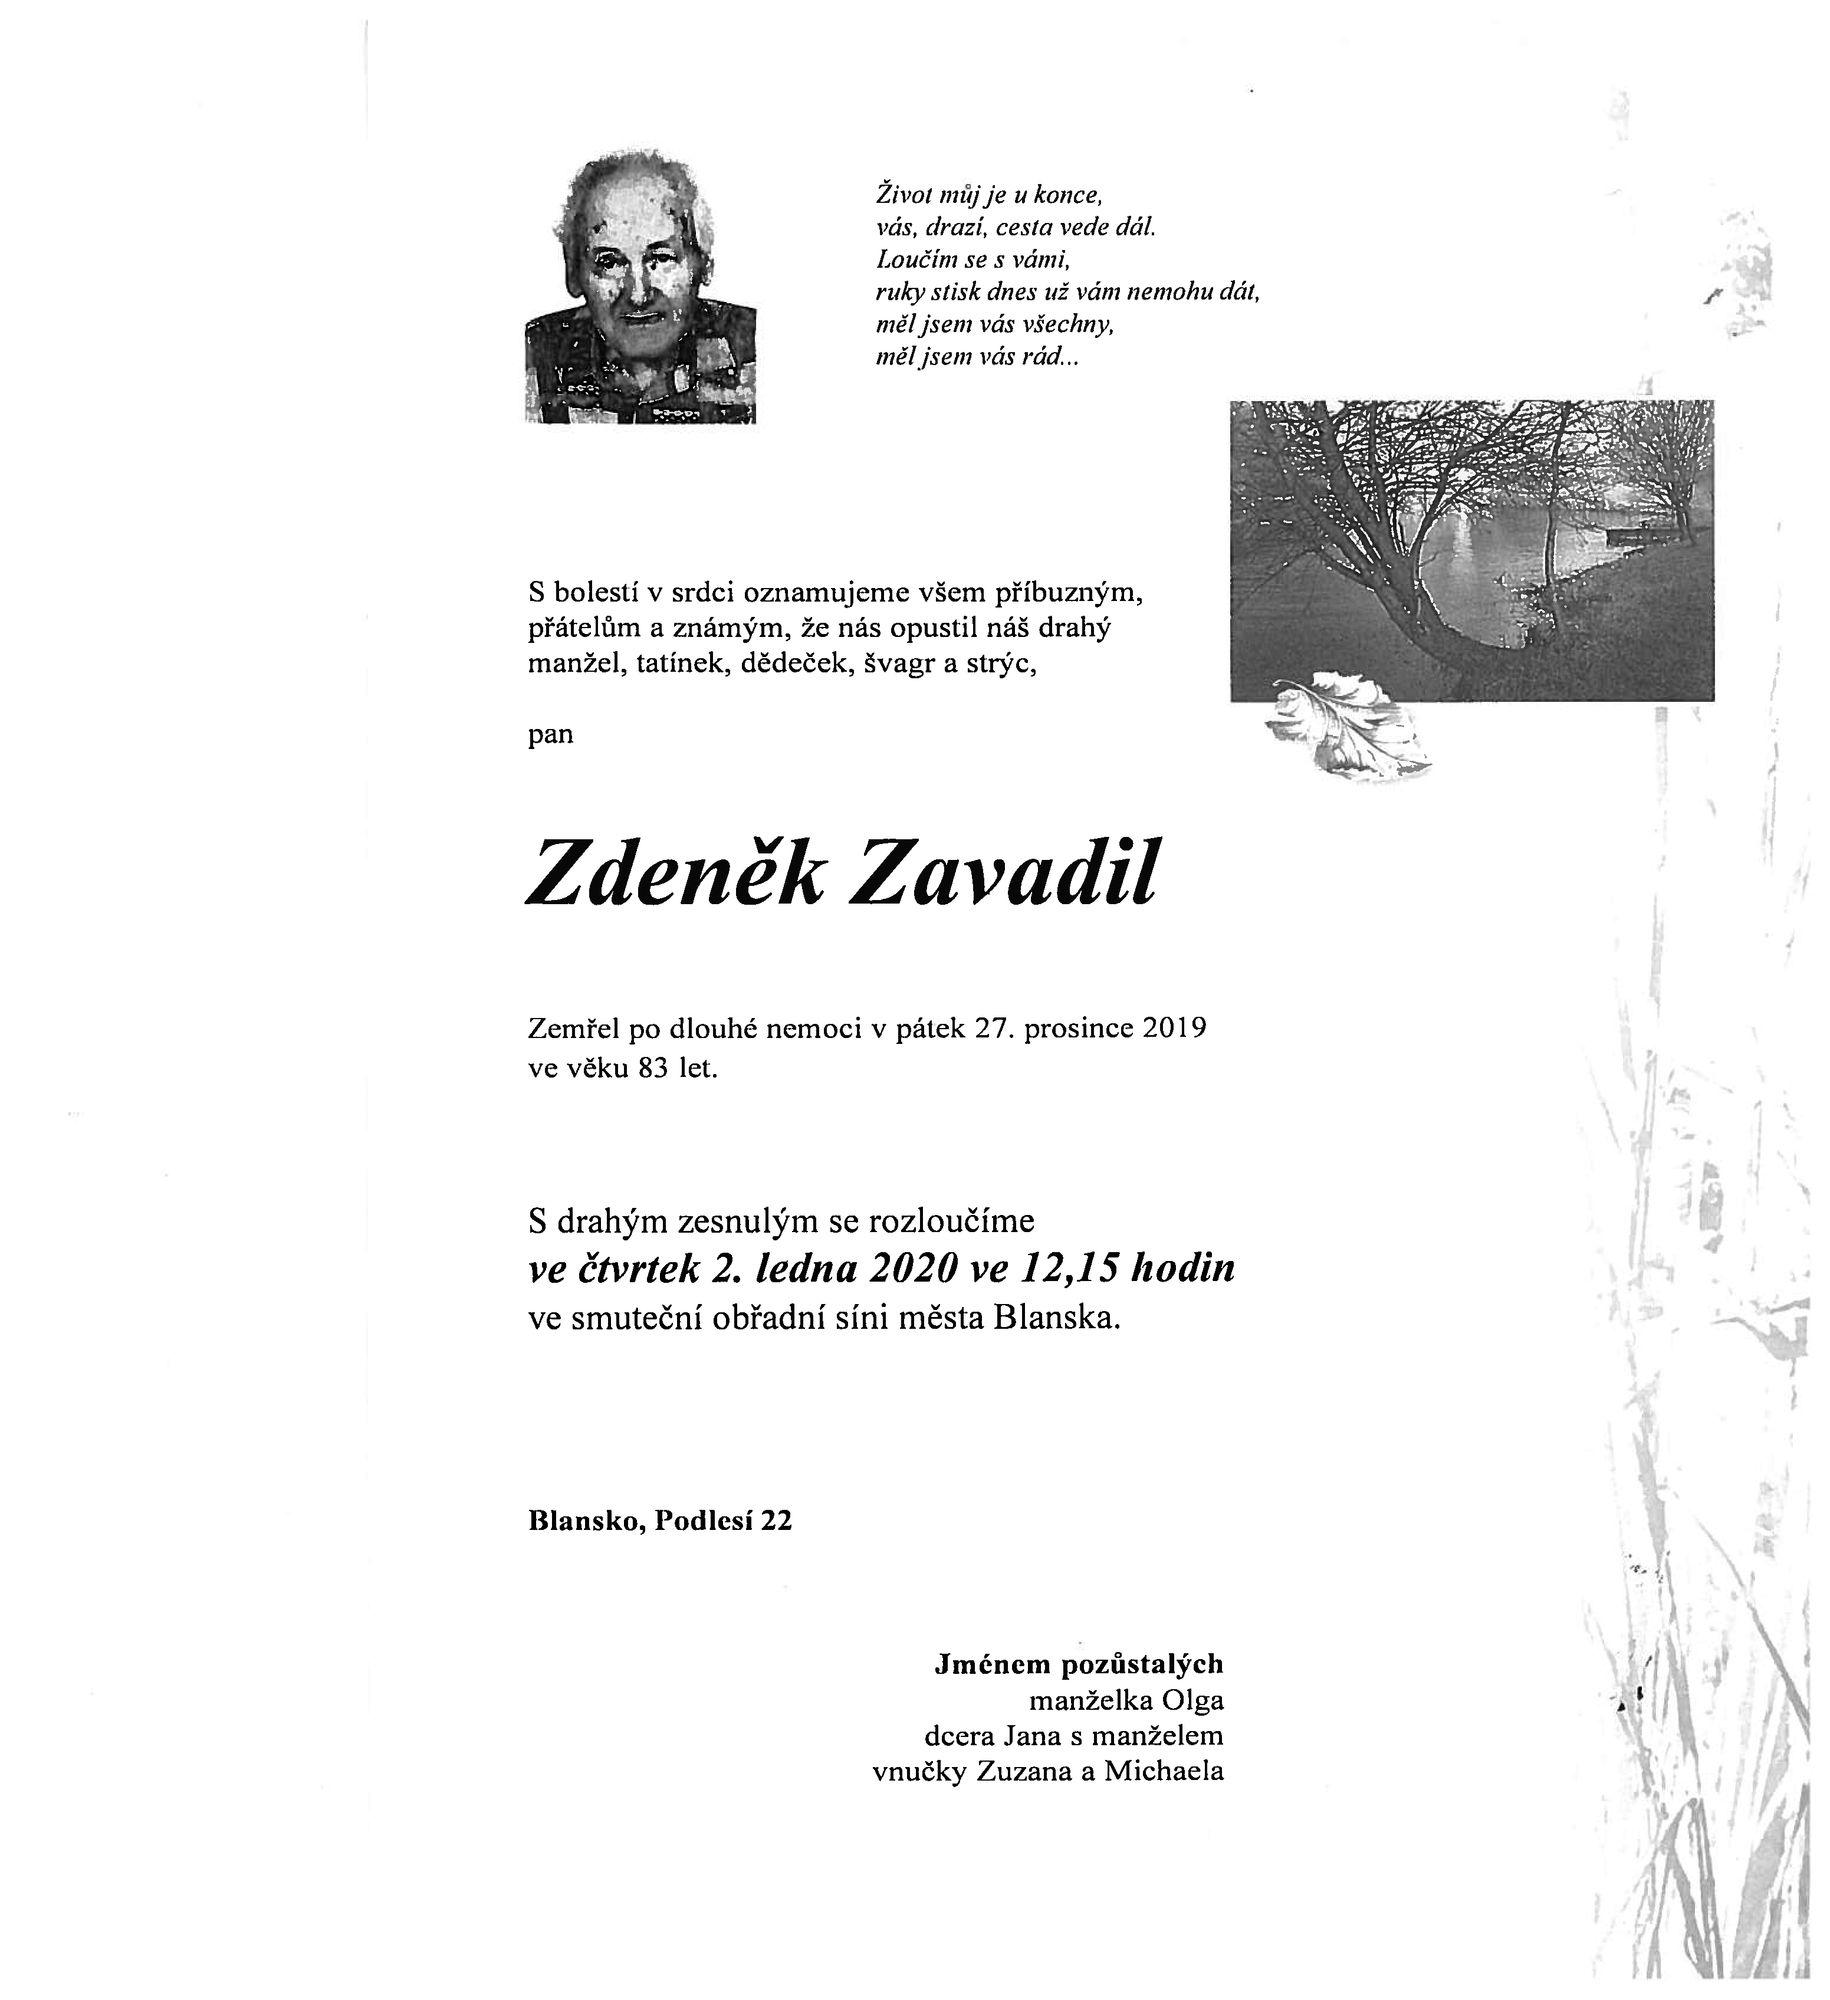 Zdeněk Zavadil